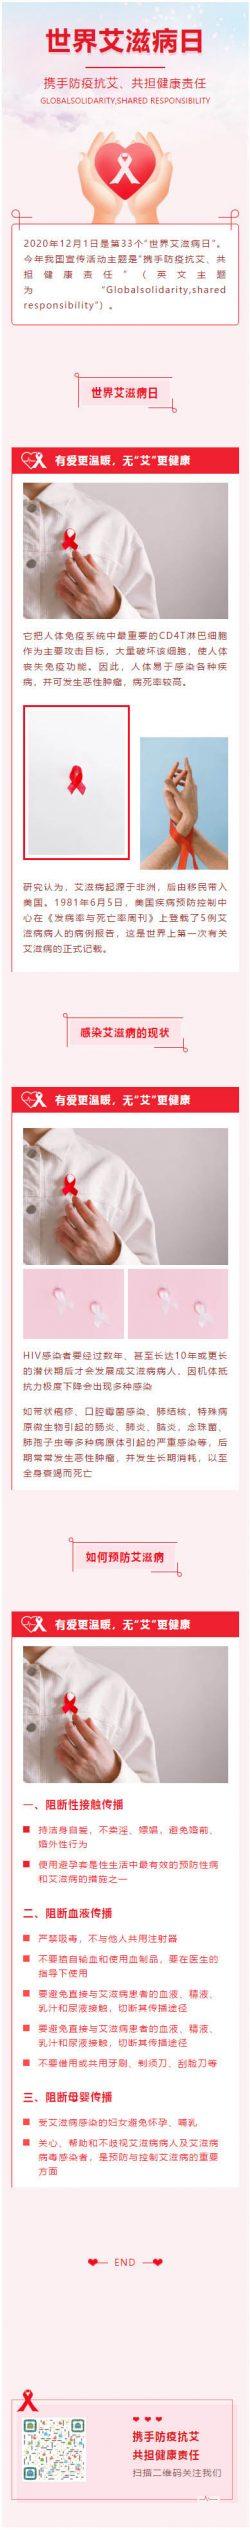 微信世界艾滋病日HIV感染者推文模板推送文章素材